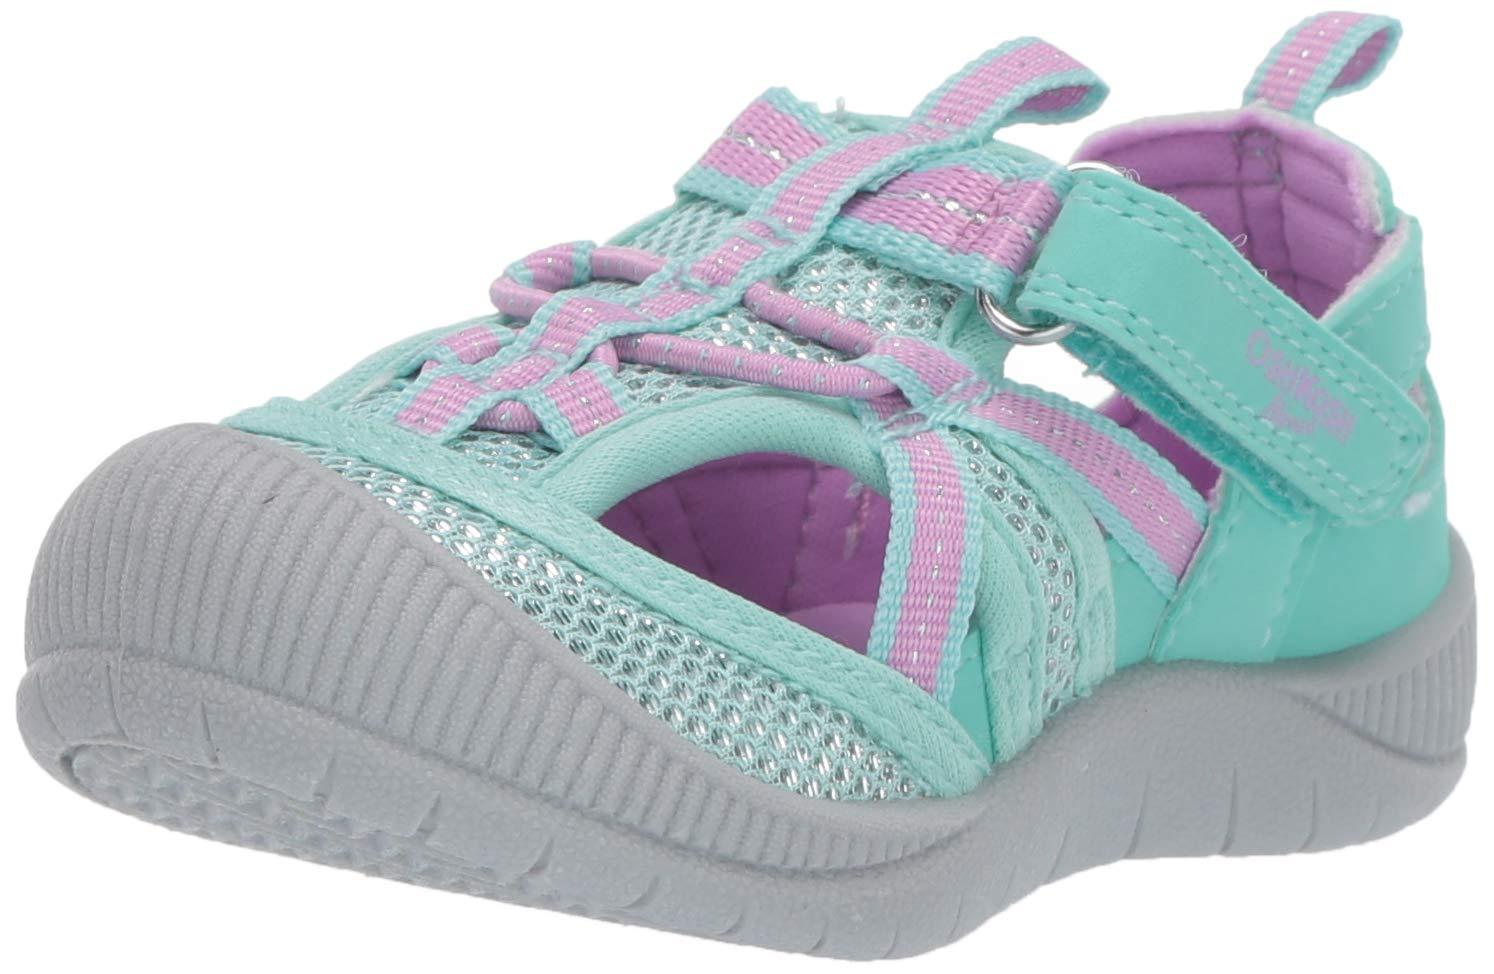 OshKosh B'Gosh Myla Girl's Mesh Athletic Bumptoe Sandal, Mint 9 M US Toddler